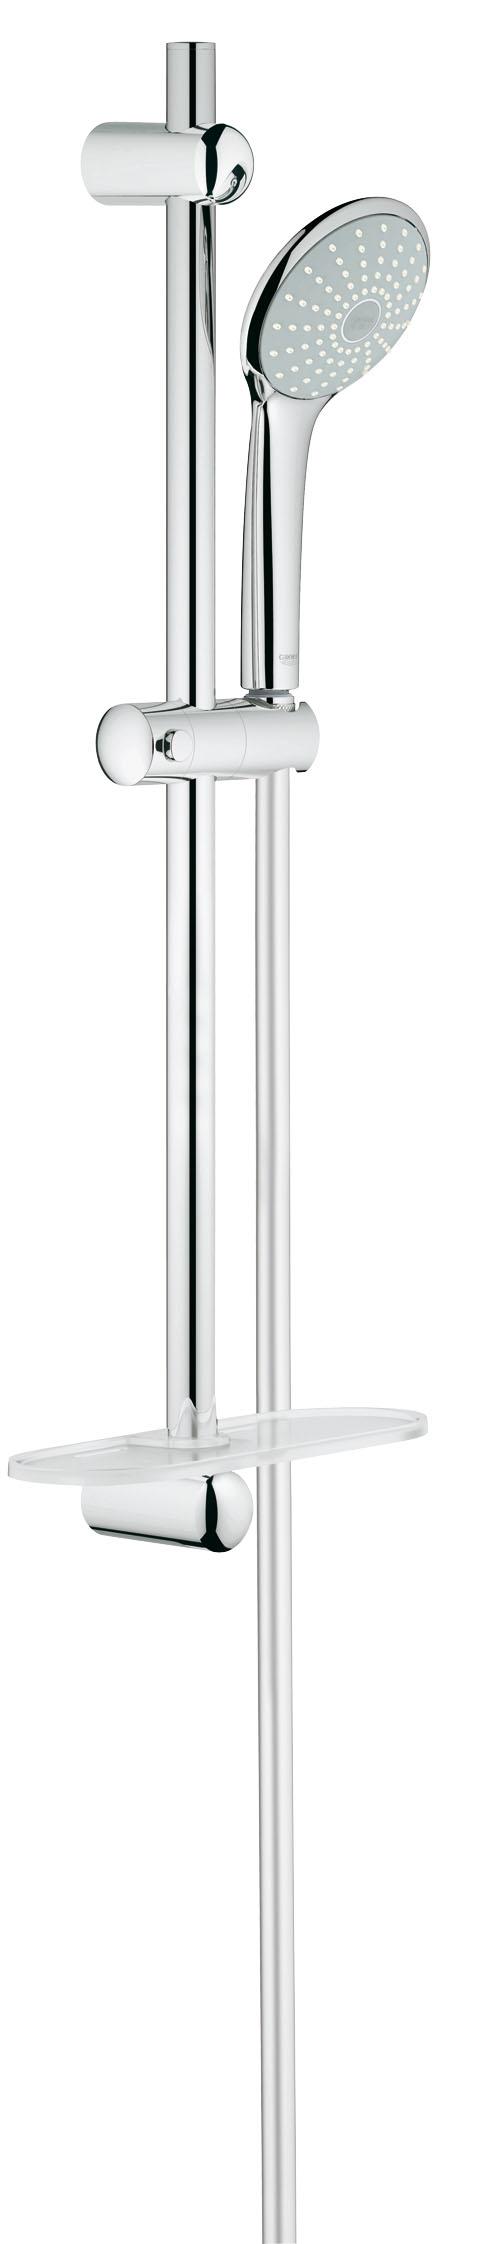 Душевой комплект GROHE Euphoria, штанга 600мм. (27266001)27266001Включает в себя: Ручной душ Mono (27 265) Душевая штанга, 600 мм (27 499 000) GROHE QuickFix (регулируемое расстояние между настенными креплениями штанги позволяет использовать для монтажа уже имеющиеся отверстия в стене) Душевой шланг 1750 мм (28 388 000) Полочка GROHE EasyReach™ (27 596 000) GROHE DreamSpray превосходный поток воды GROHE StarLight хромированная поверхность С системой SpeedClean против известковых отложений Внутренний охлаждающий канал для продолжительного срока службы Twistfree против перекручивания шланга Видео по установке является исключительно информационным. Установка должна проводиться профессионалами!